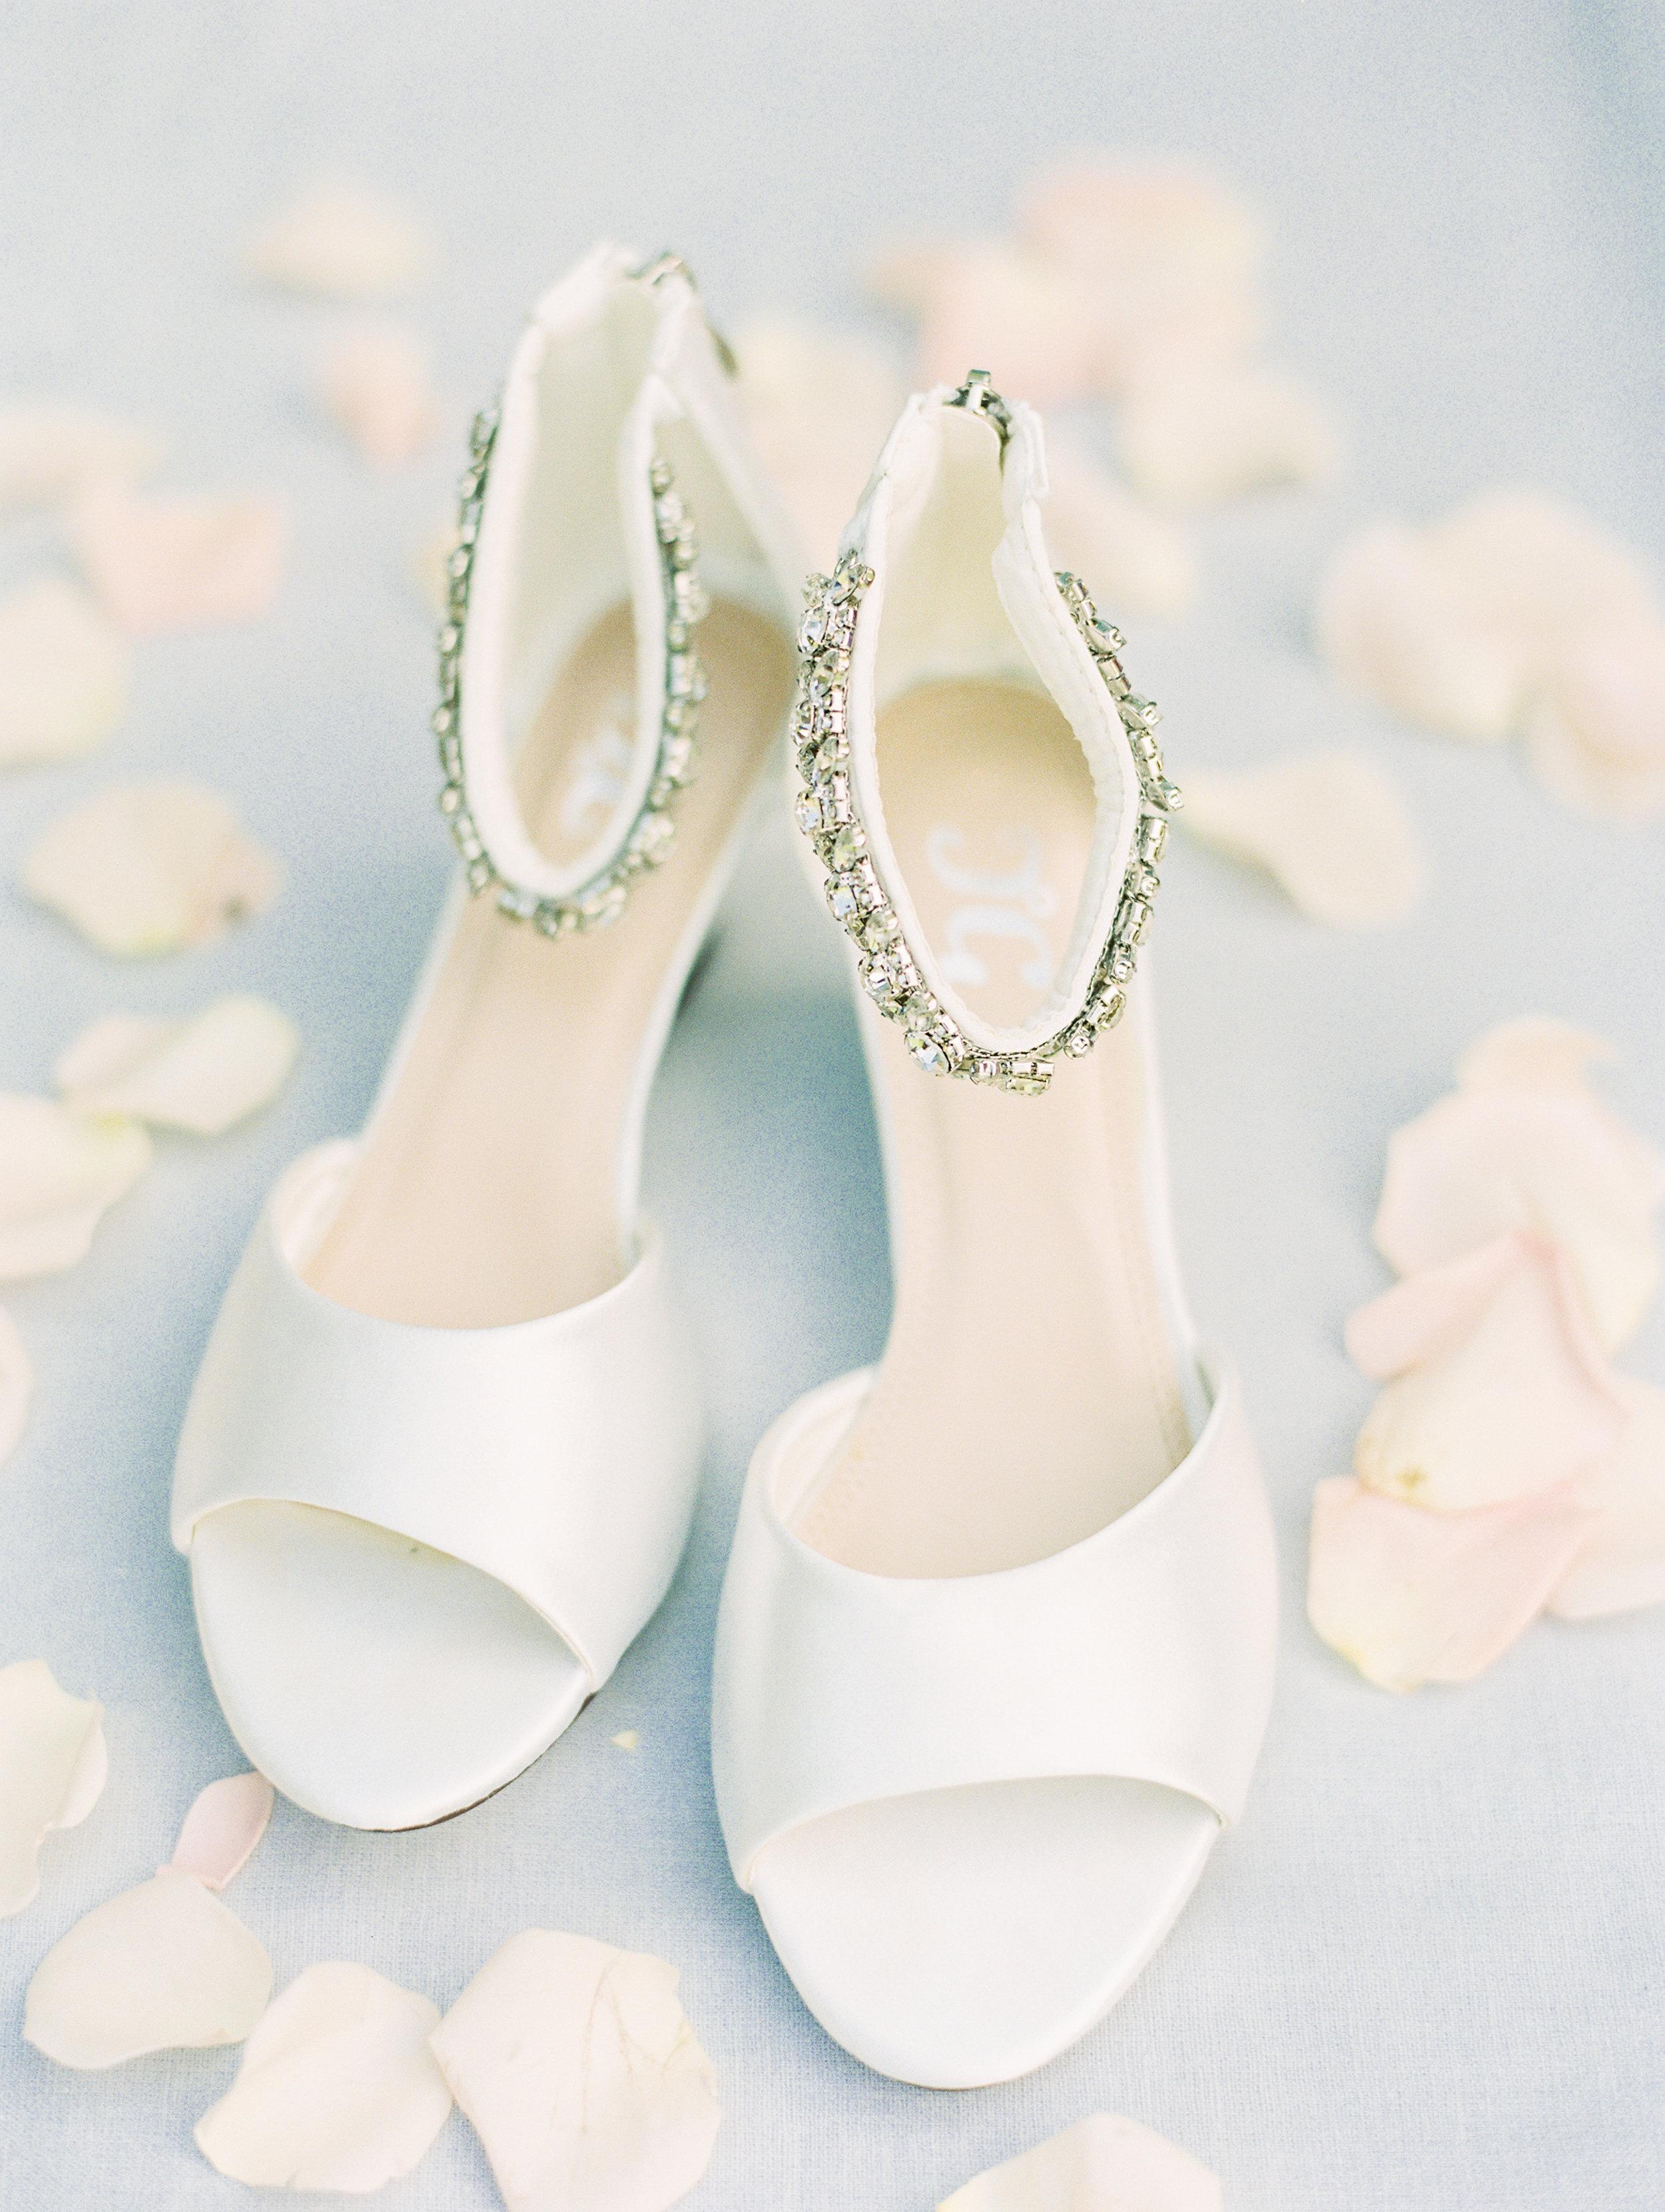 Cupp+Wedding+Detailsf-7.jpg